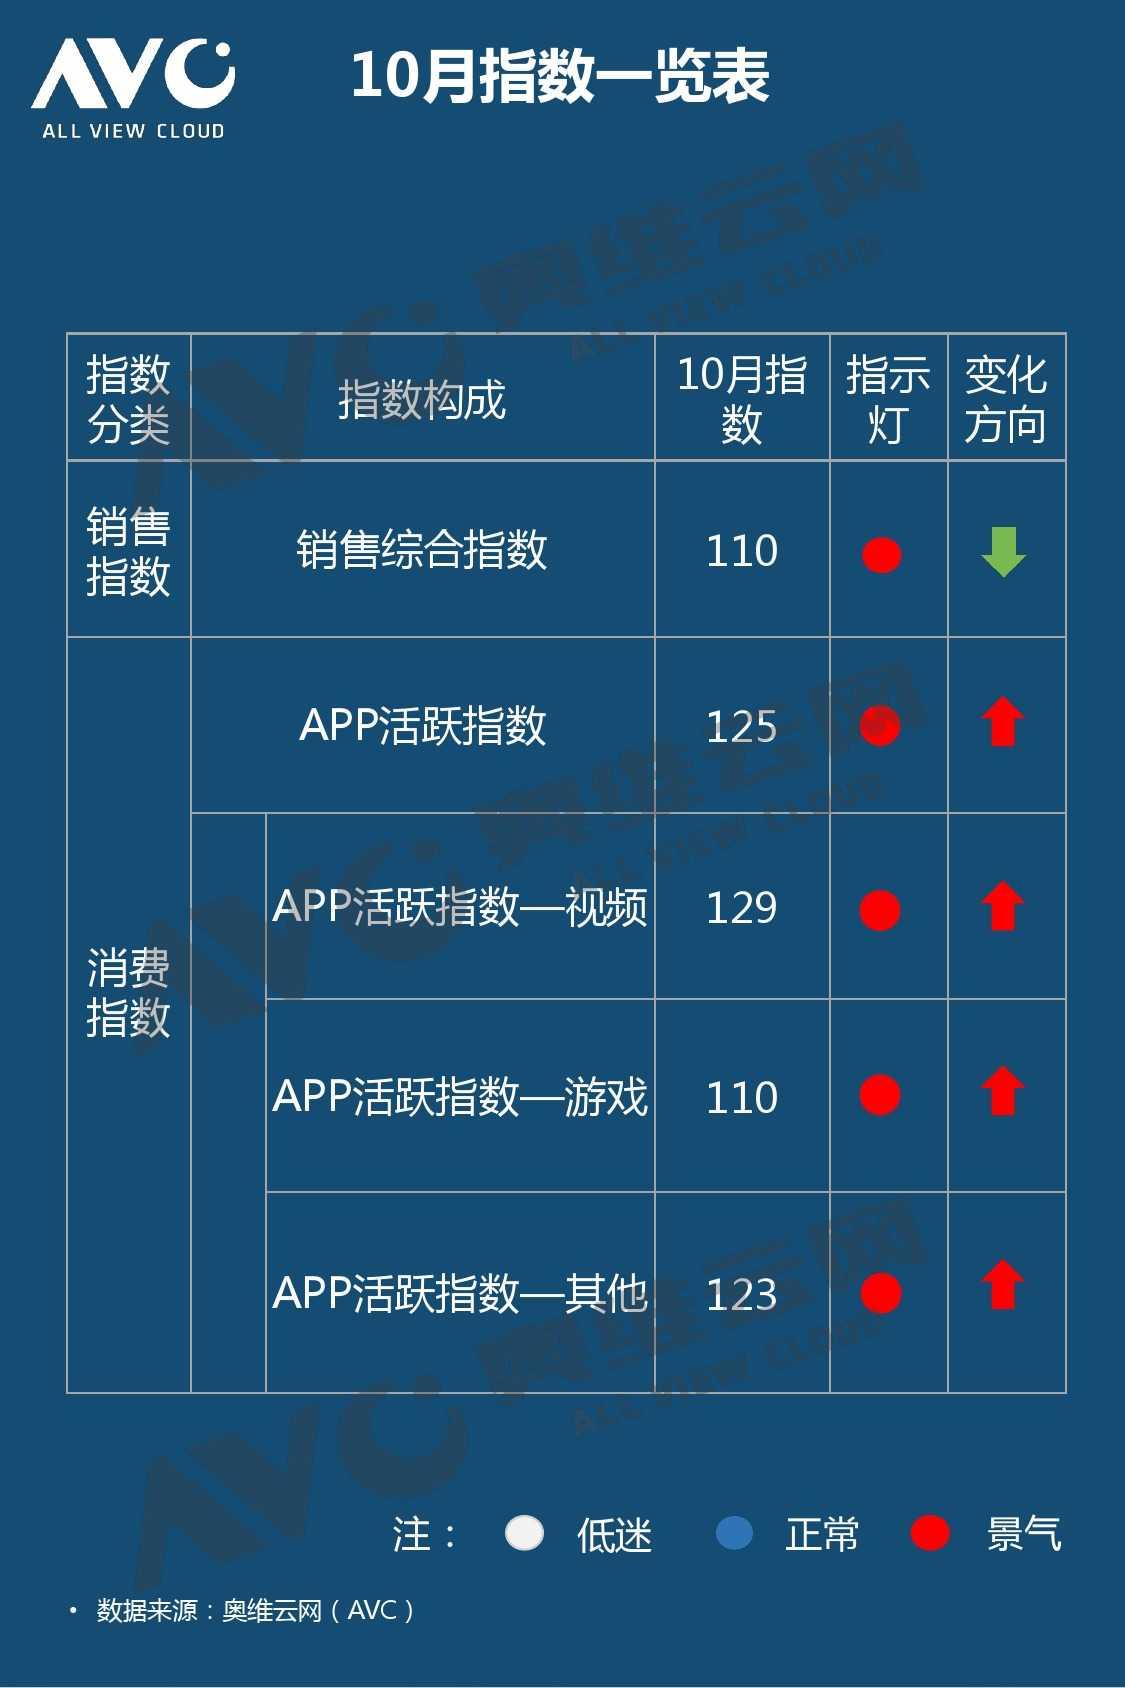 奥维云网:2015年10月份中国OTT发展研究_000002